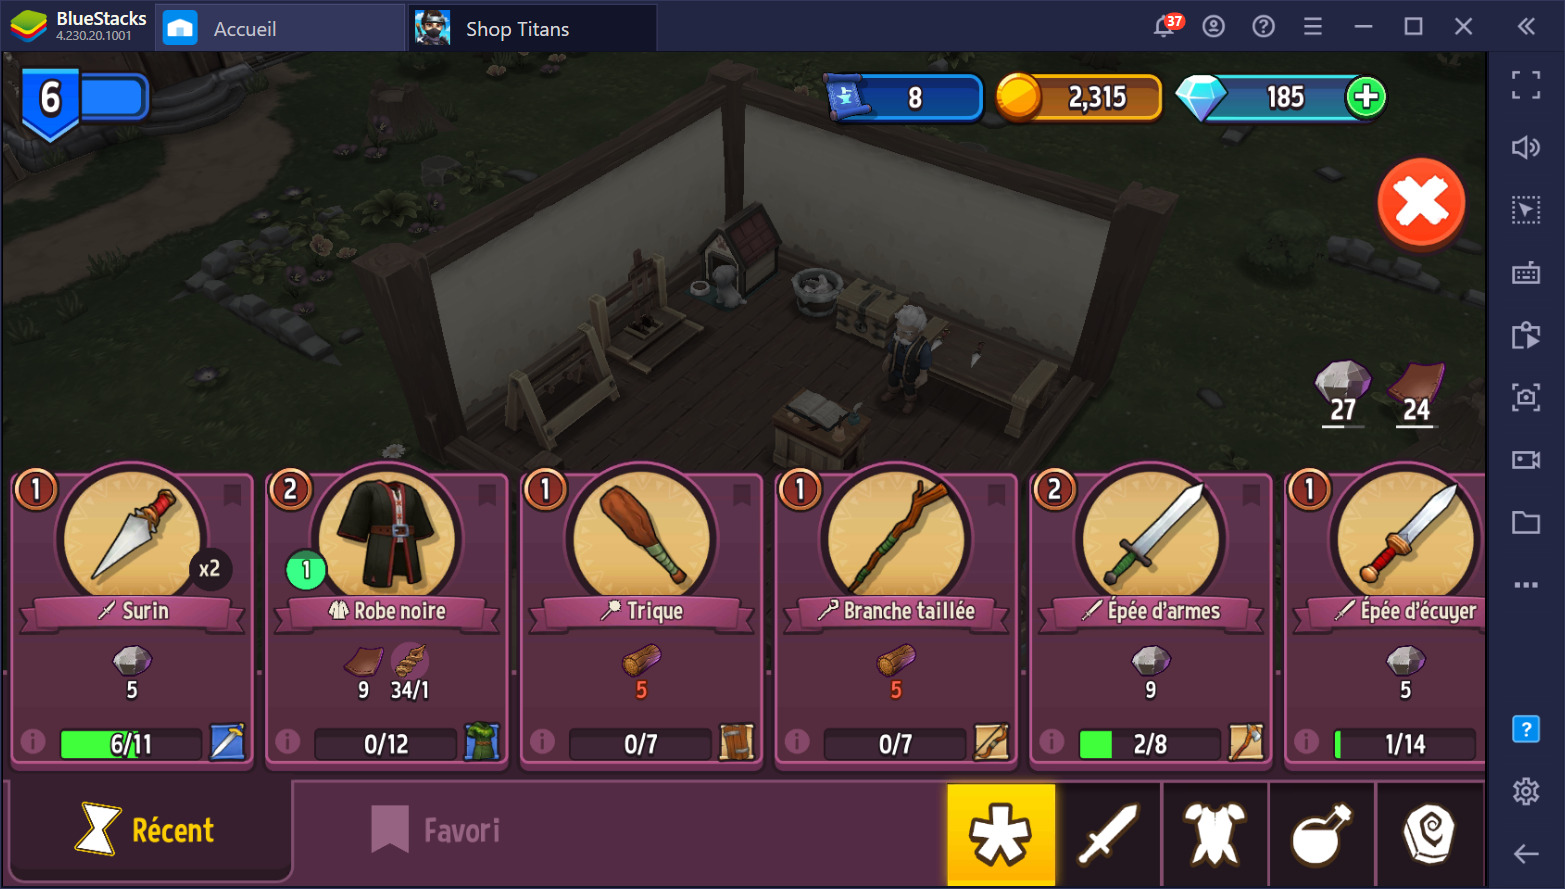 Shop Titans sur PC – comment utiliser vos ressources intelligemment